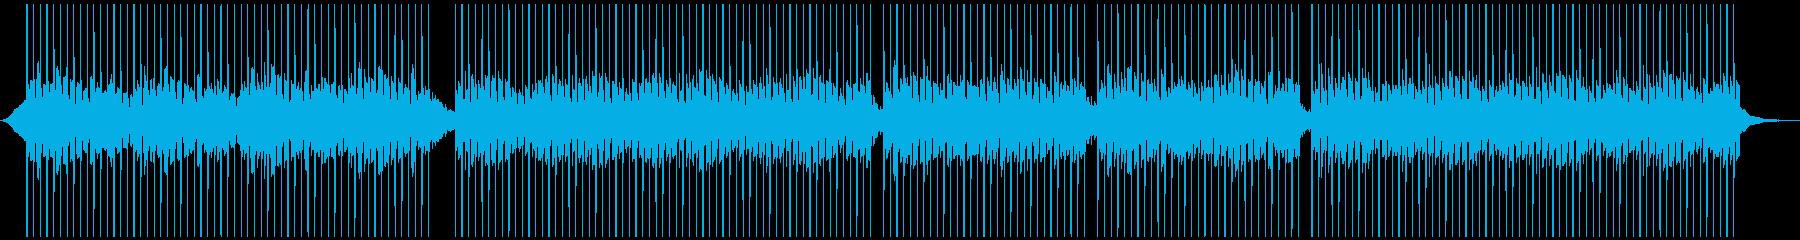 モダン 実験的 アンビエント アク...の再生済みの波形